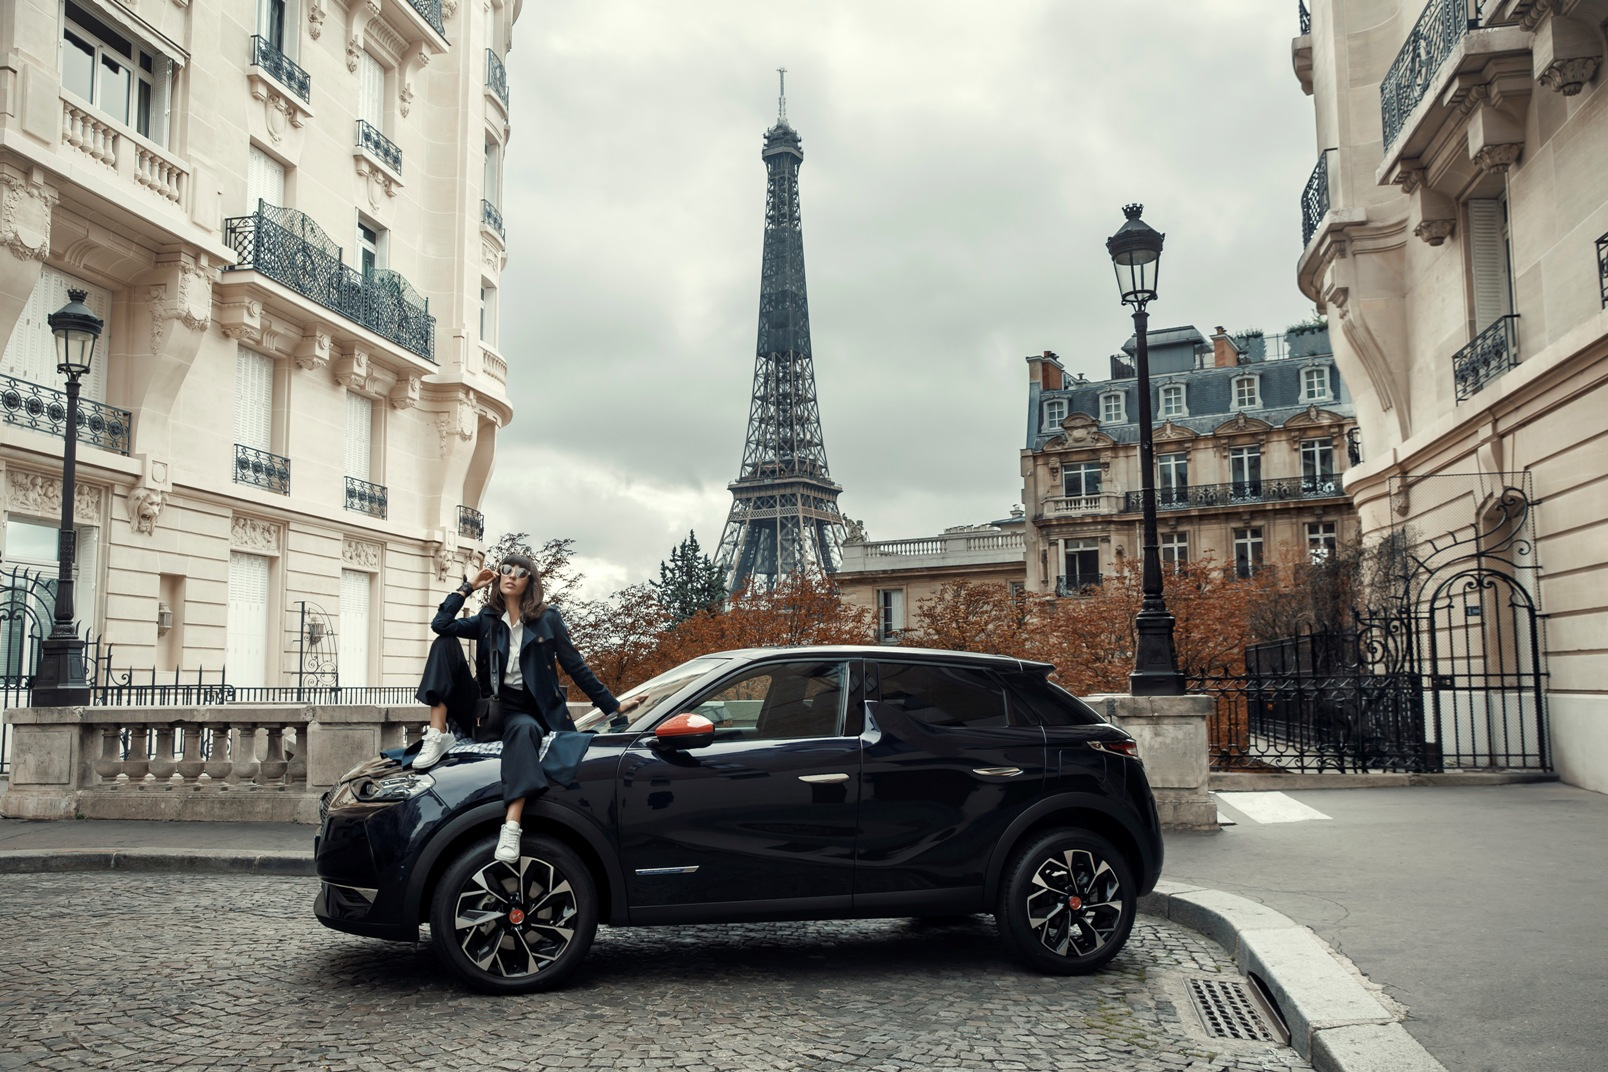 Ds 3 Crossback Ines De La Fressange Paris (1)